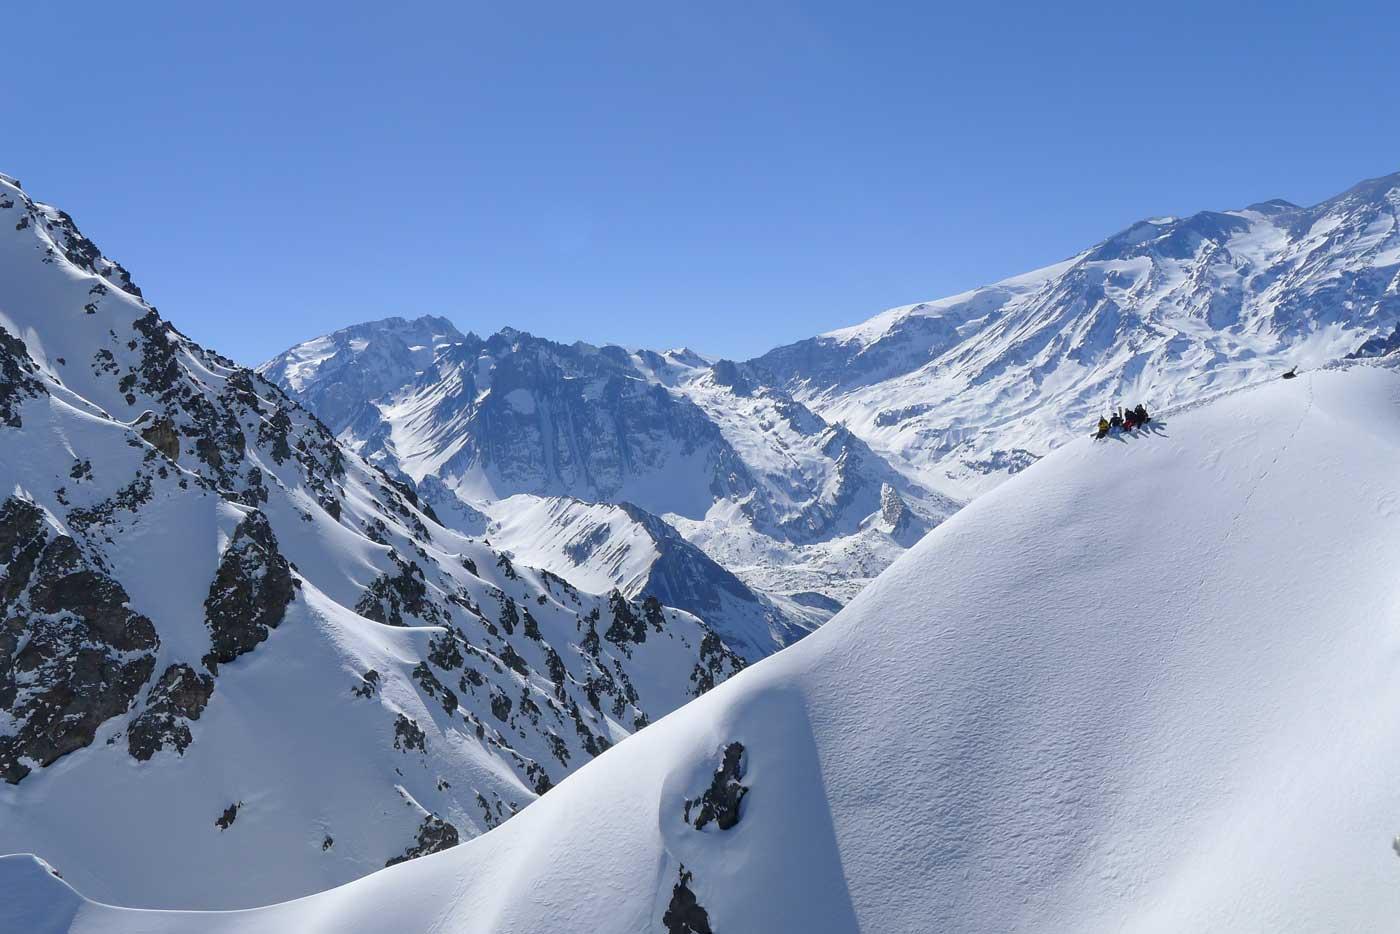 Powder South Chilean Heli Ski Tours